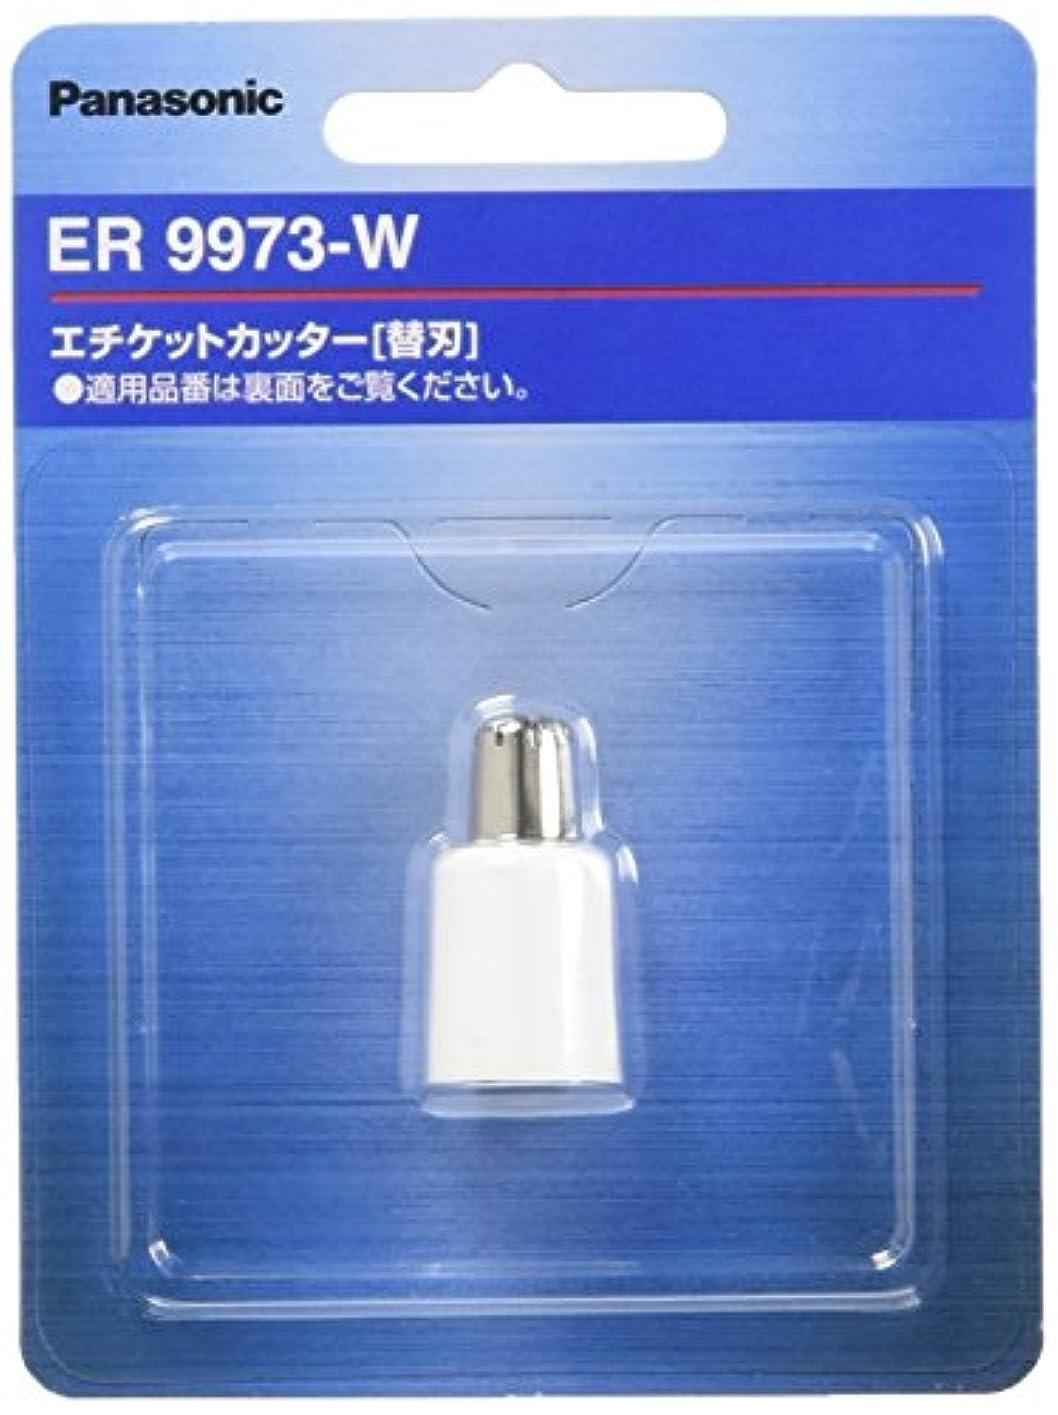 シミュレートする復活させる比類のないパナソニック 替刃 エチケットカッター用 ER9973-W